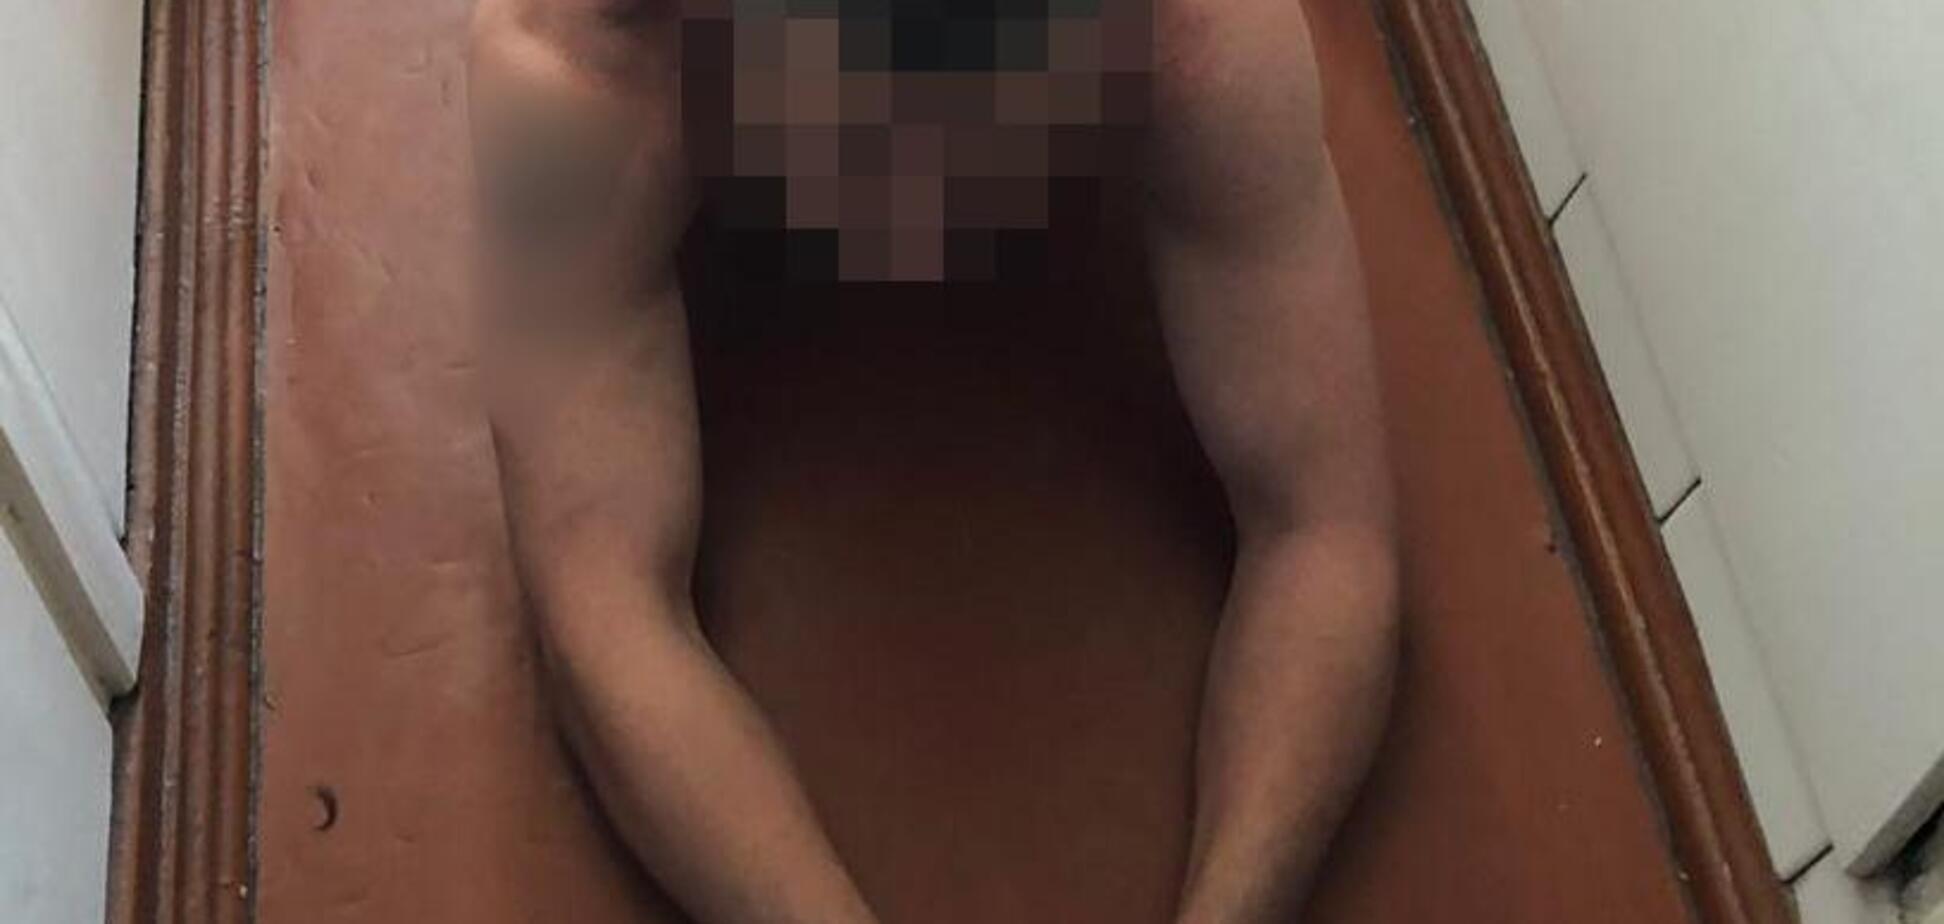 ''Людське м'ясо варив і їв'': у Харкові відрізали голову екс-поліцейському. 18+